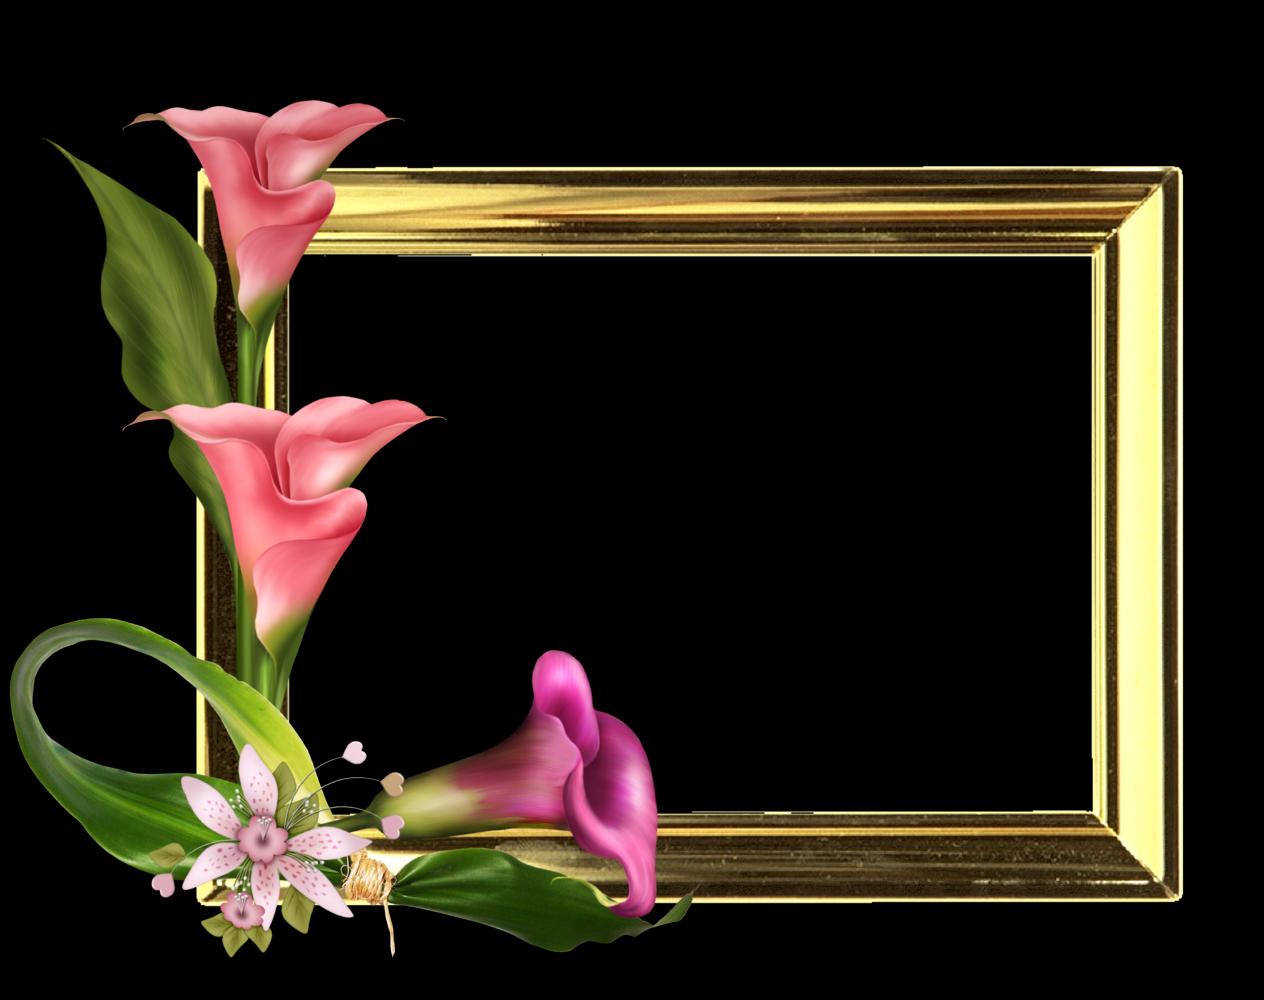 Fondo Digital De Fotos Elegante Diseño En Png Marcos Gratis Para Fotos